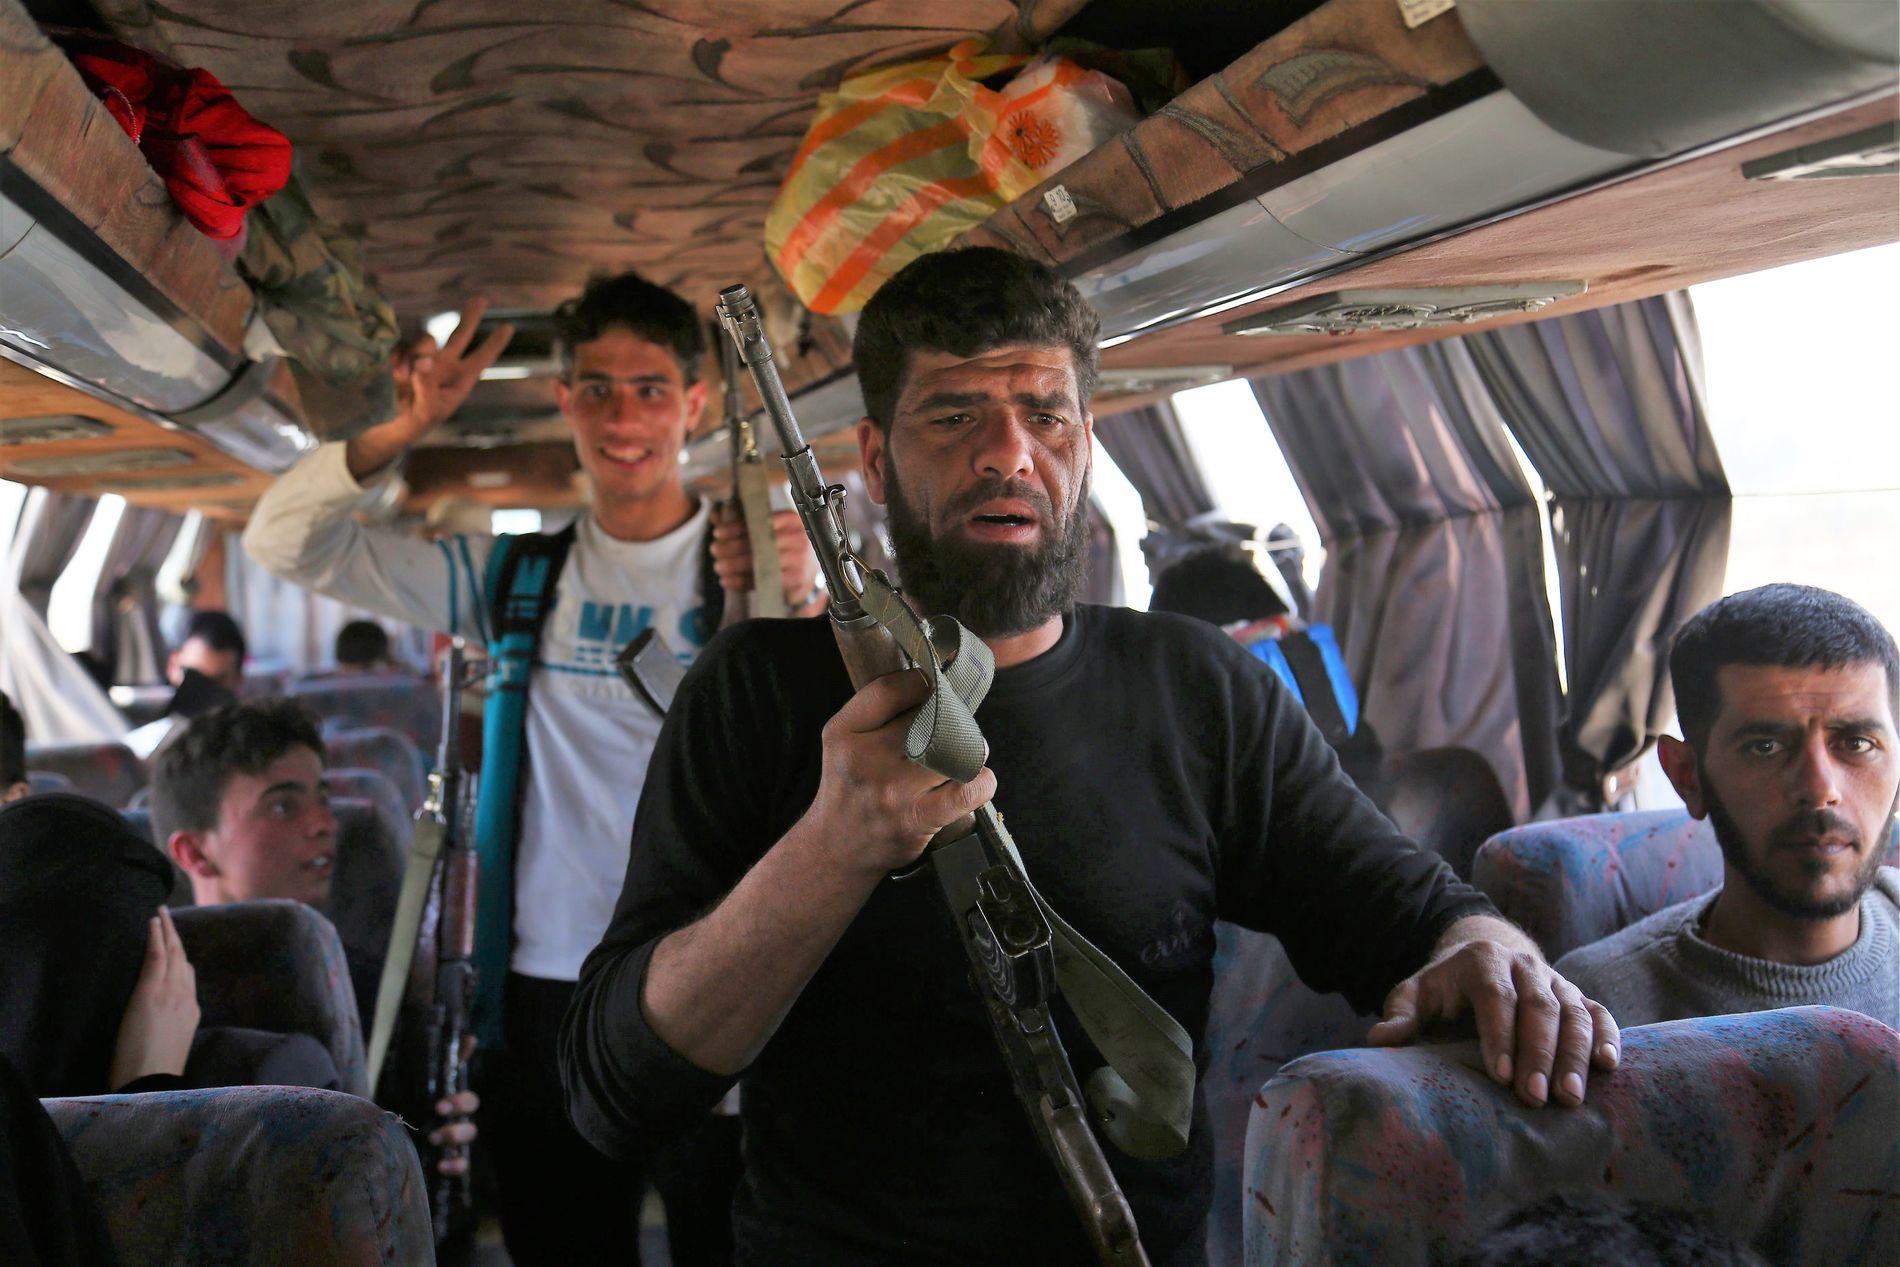 FRAKTET VEKK: Busser fraktet ut flere tusen krigere fra Jaish al-Islam ut fra Øst-Ghouta i april. Nå er de klare til krig på nytt.